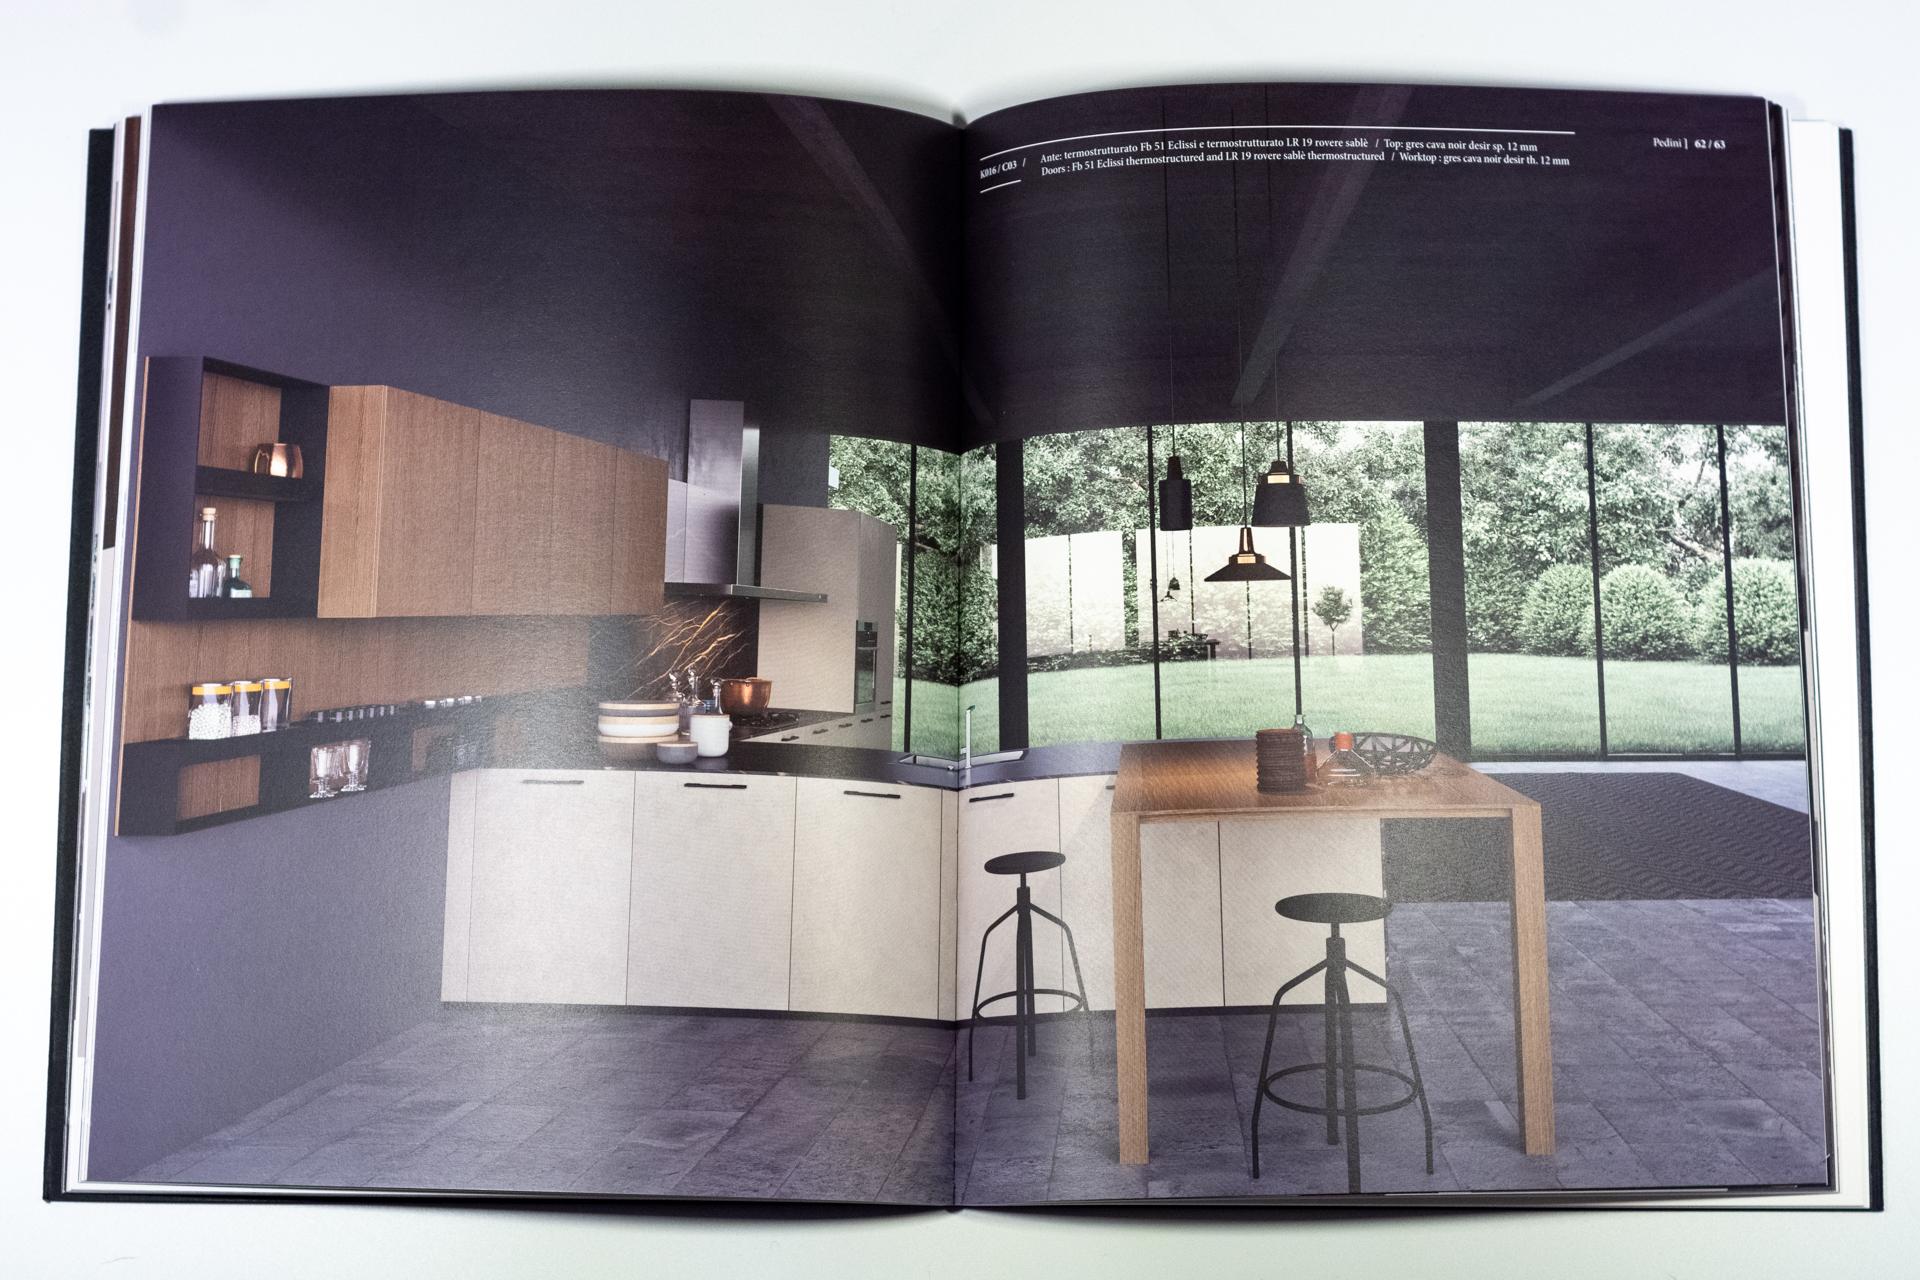 pedini-k016-catalogo-cucine-stanza